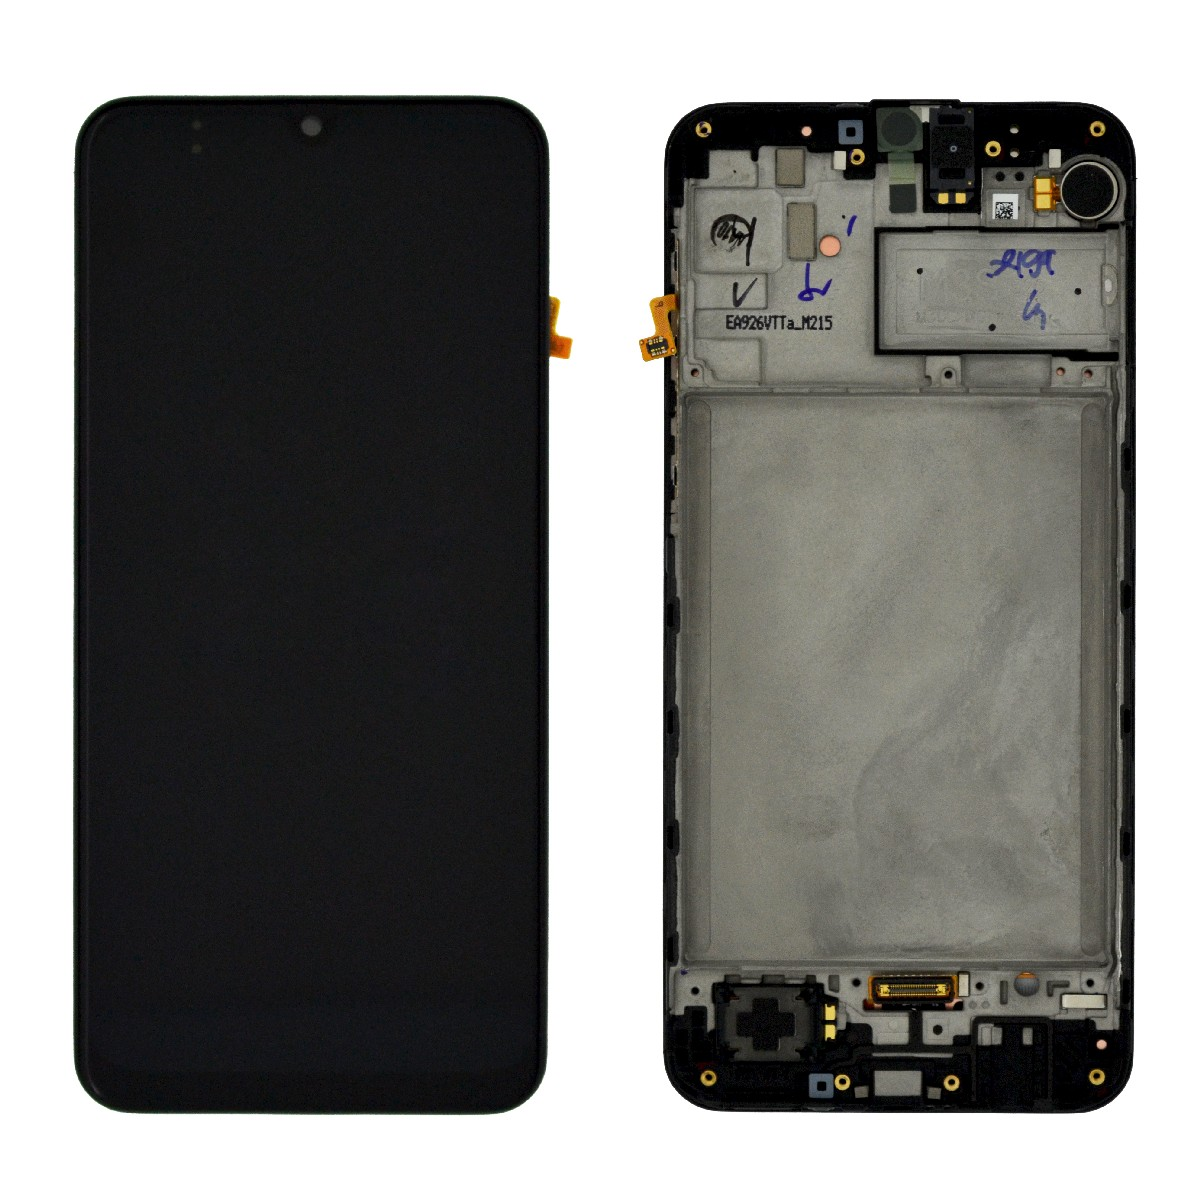 Γνήσια Οθόνη & Μηχανισμός Αφής Samsung SM-M215 Galaxy M21/SM-M307 M30s GH82-22509A/GH82-22836A